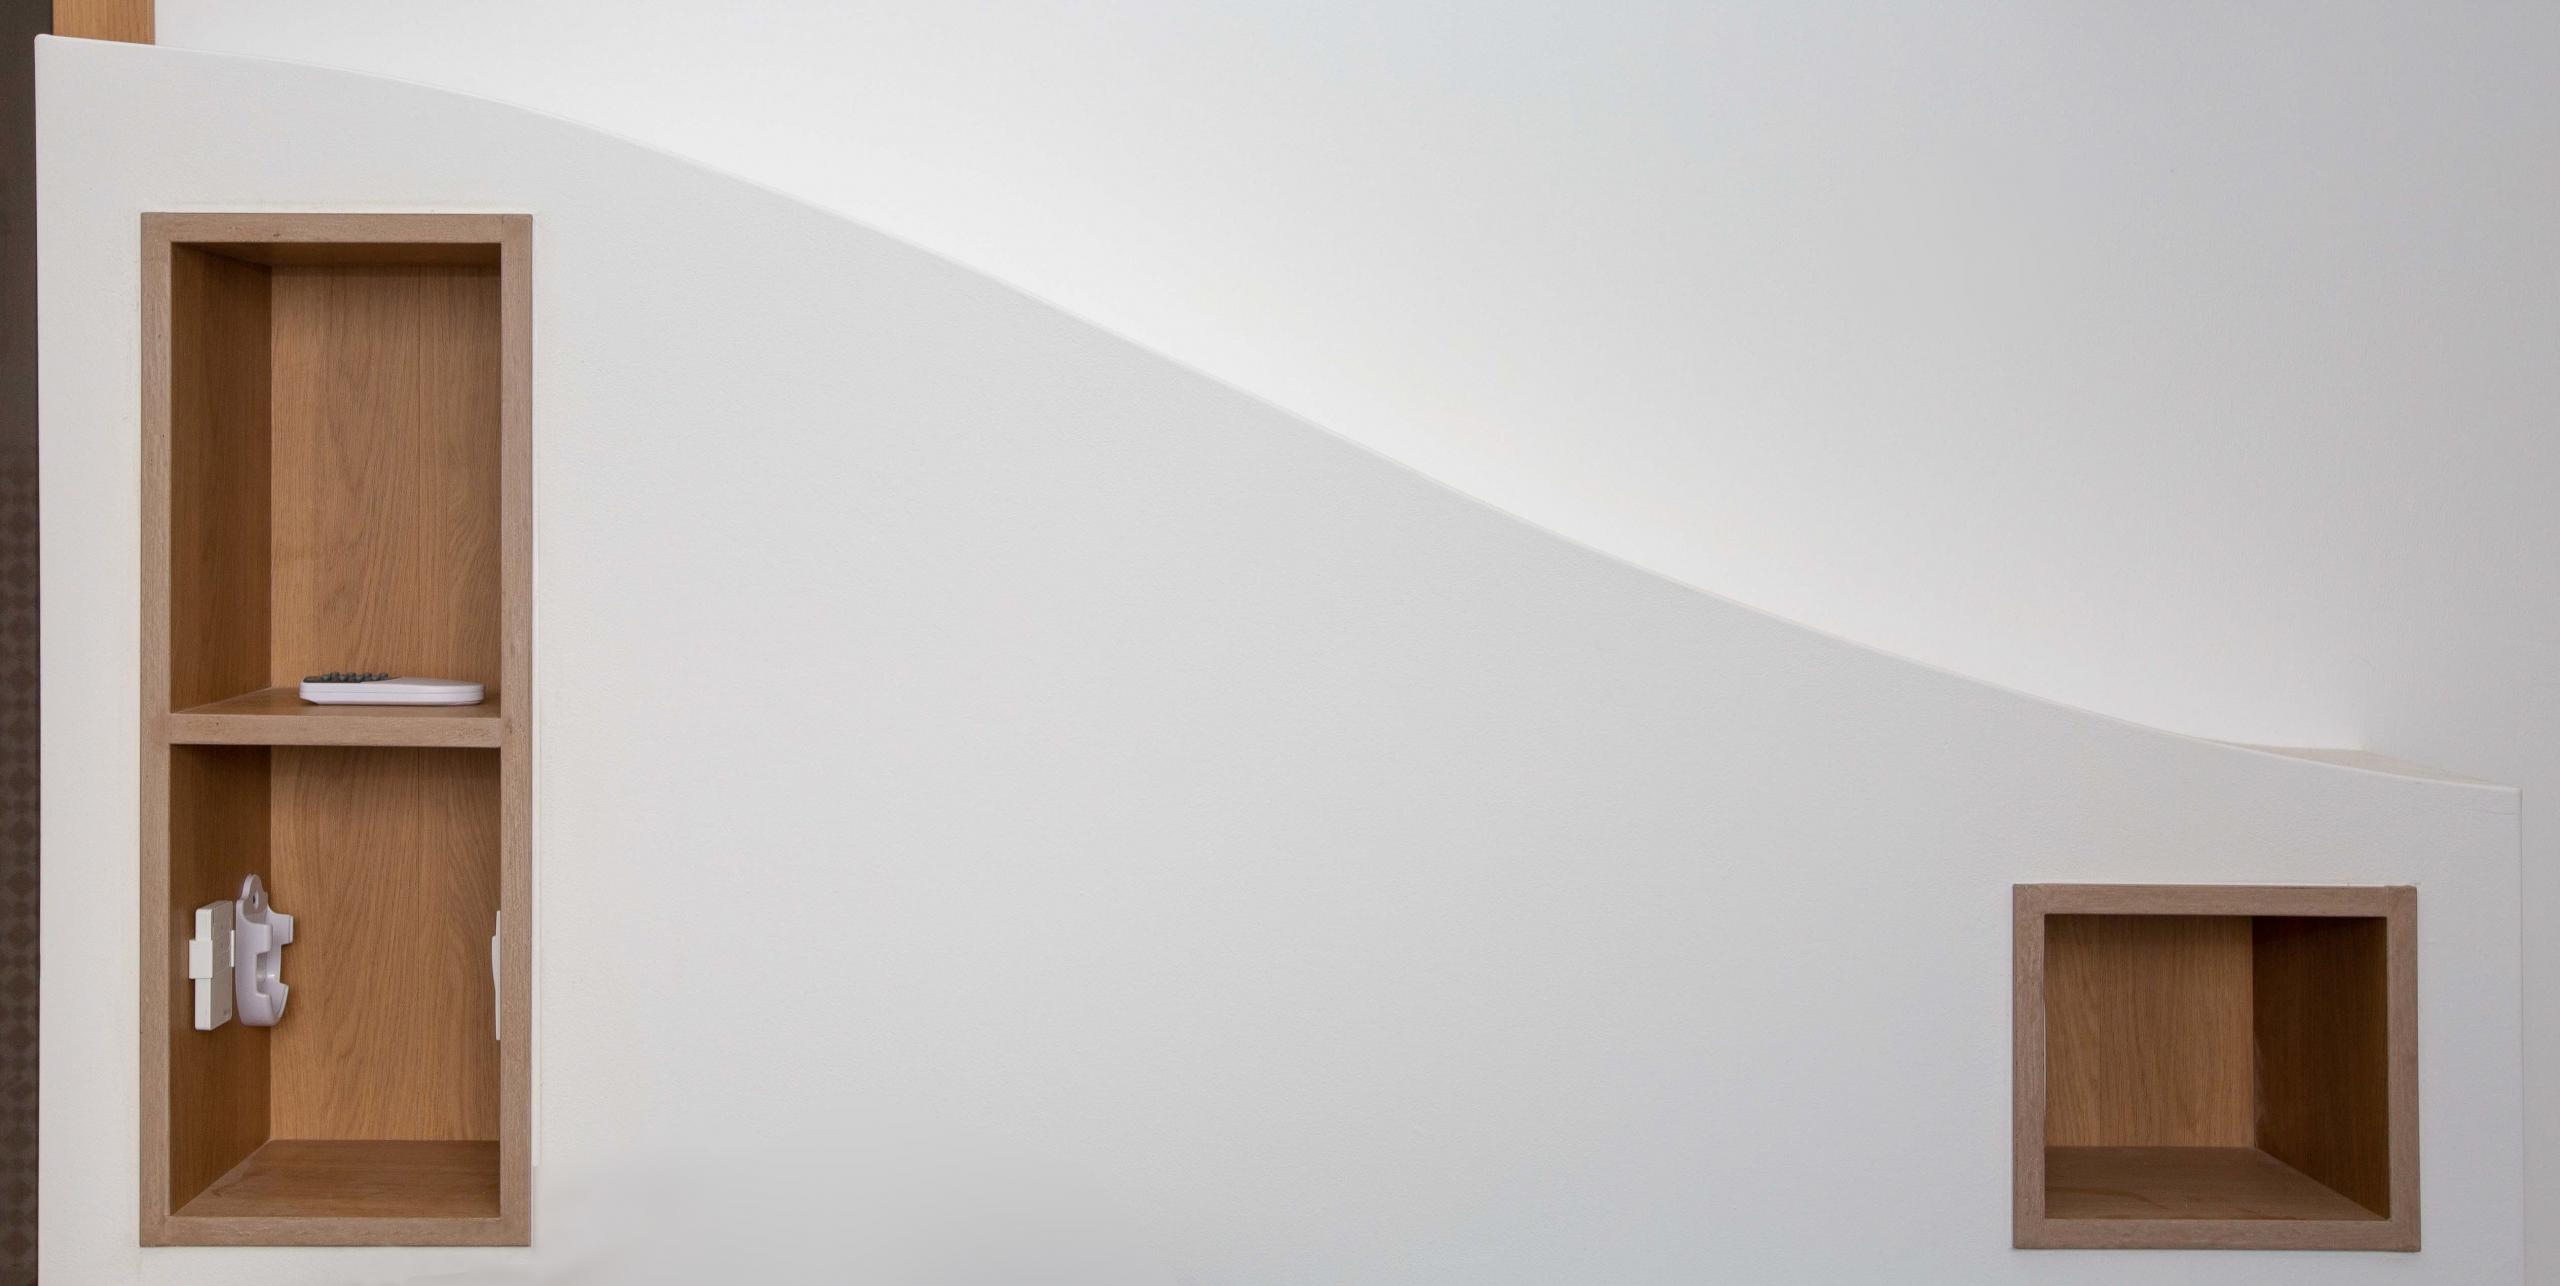 tête de lit maçonnée placo mobilier sur-mesure chevet intégré décoration architecture d'intérieur aménagement